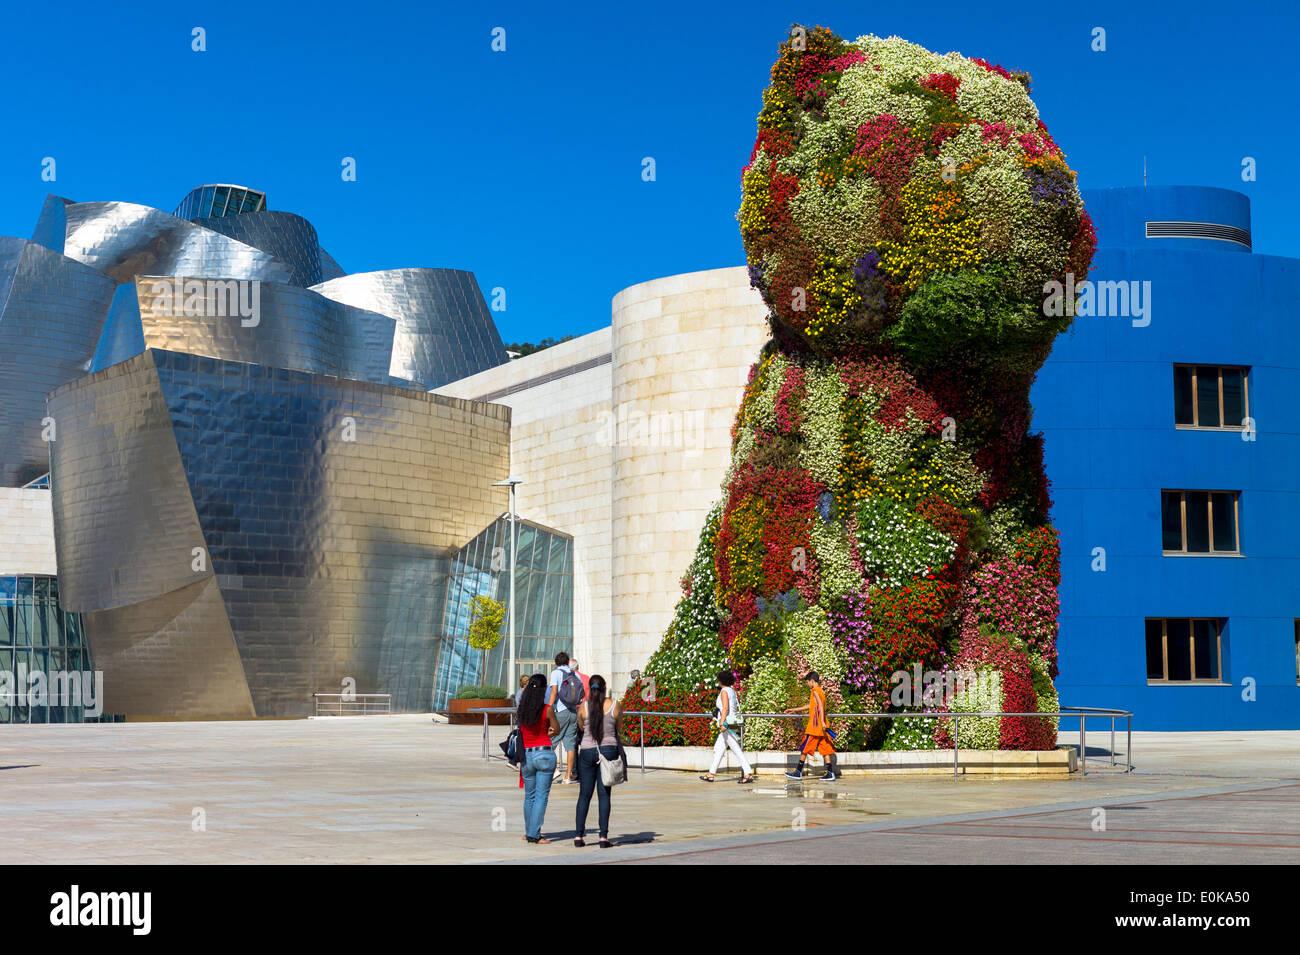 Vista turisti cucciolo flower includono arte floreale di Jeff Koons al museo Guggenheim di Bilbao, Paesi Baschi Immagini Stock